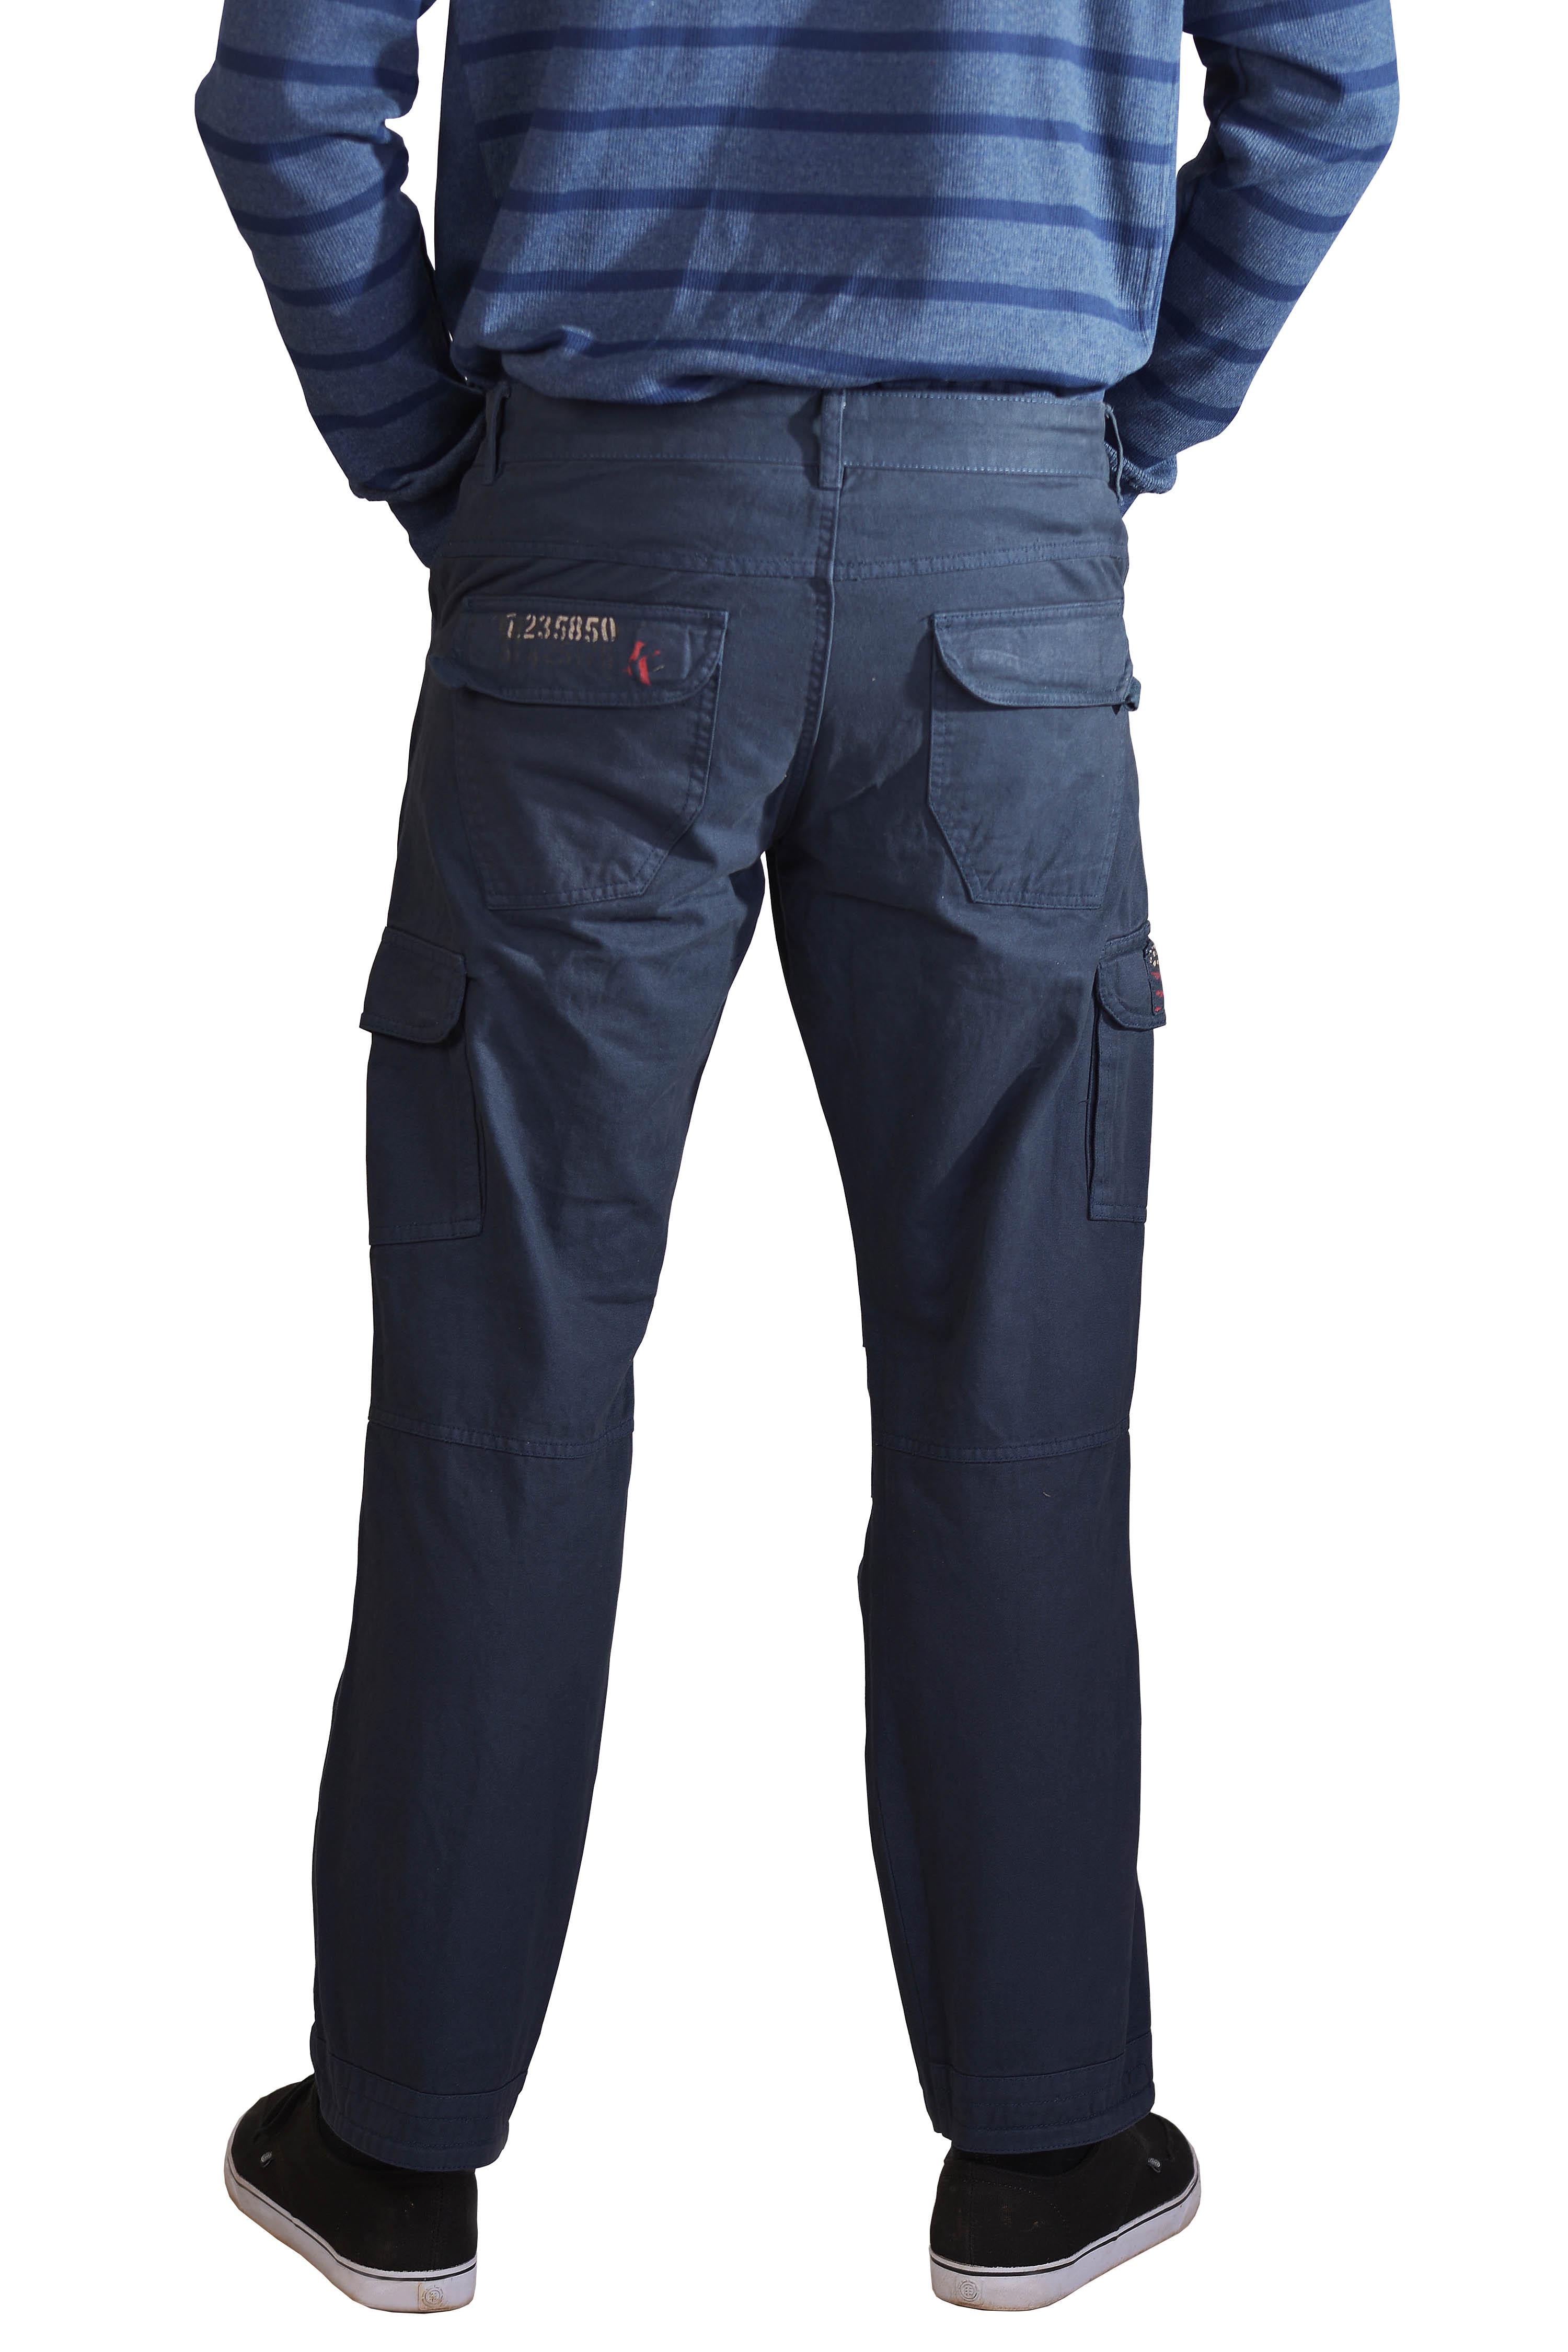 Kera Collection Cargo Hose blau